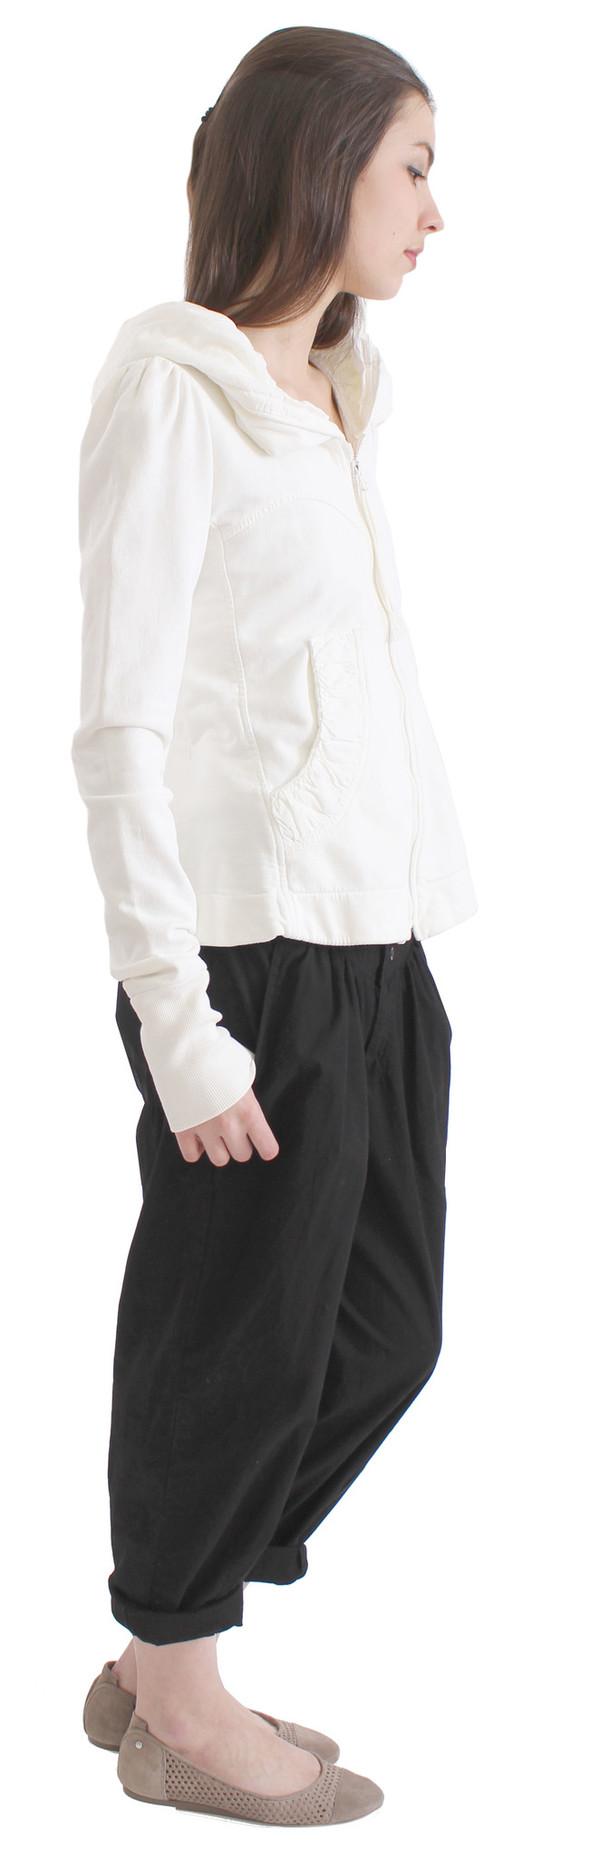 Prairie Underground Cloak Hoodie in White